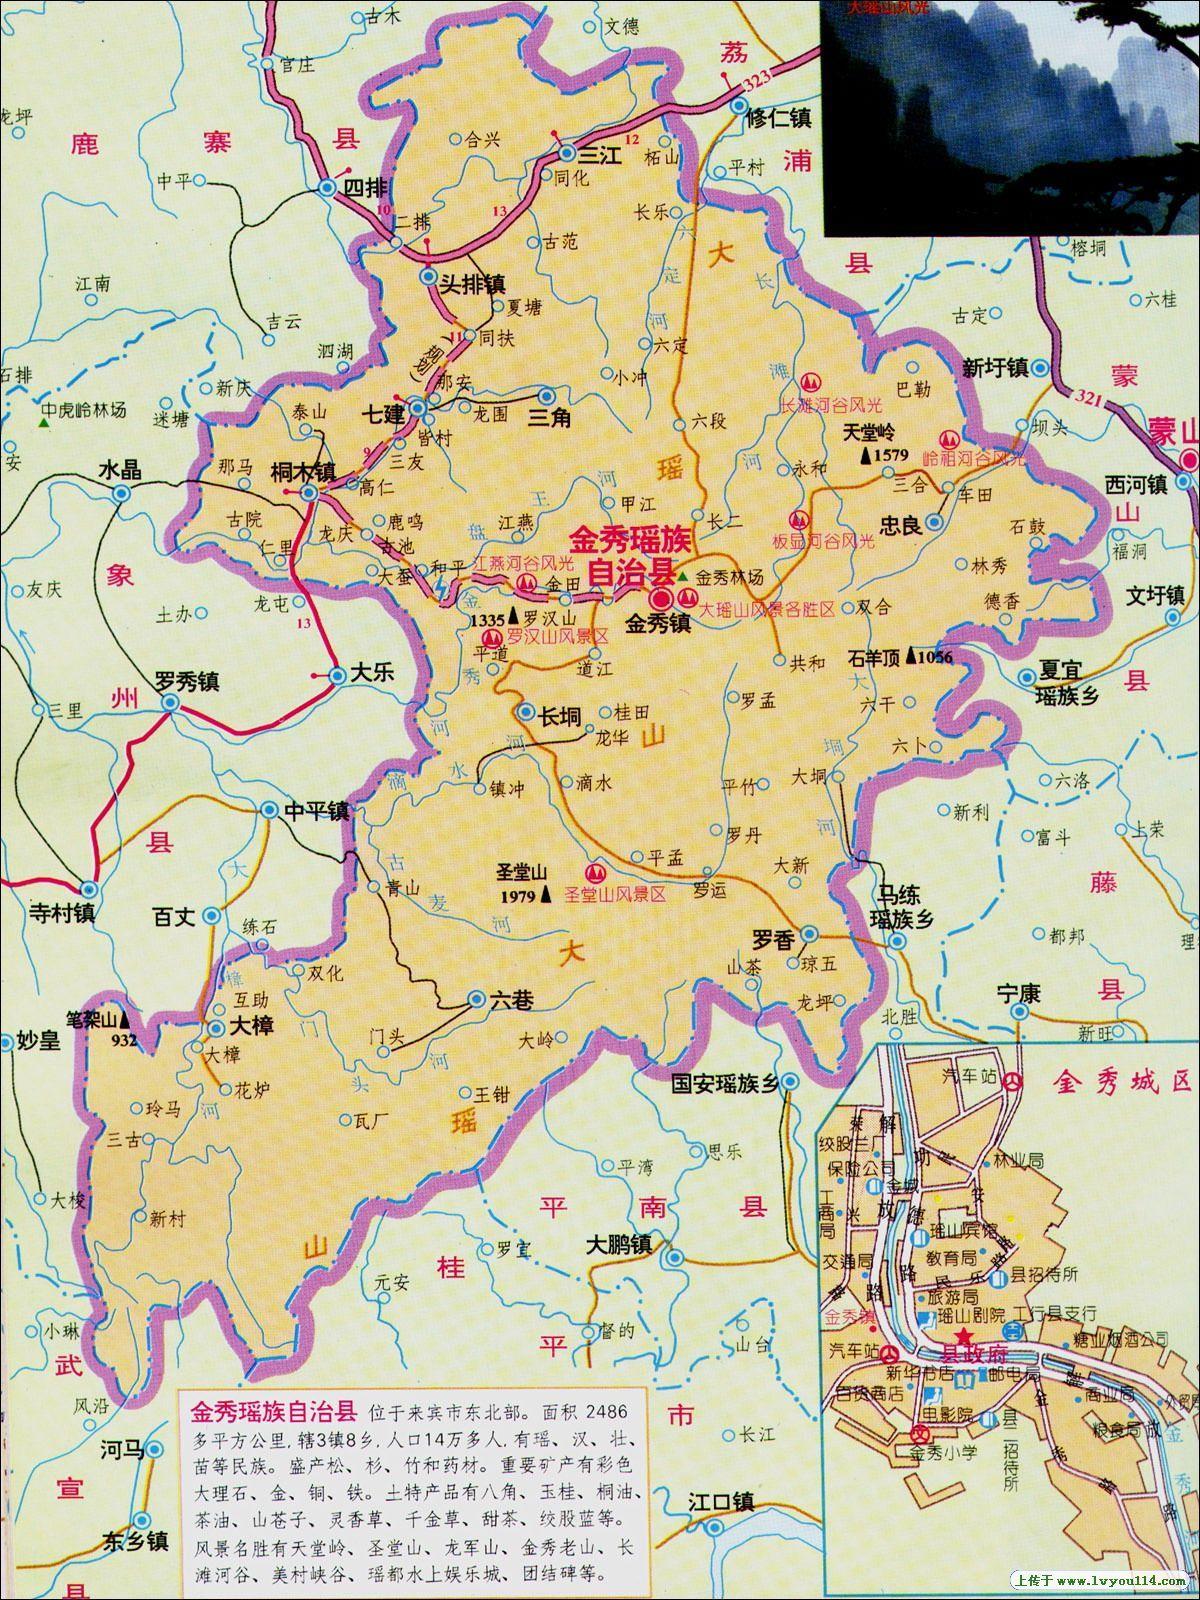 广西柳州金秀瑶族自治县地图地图